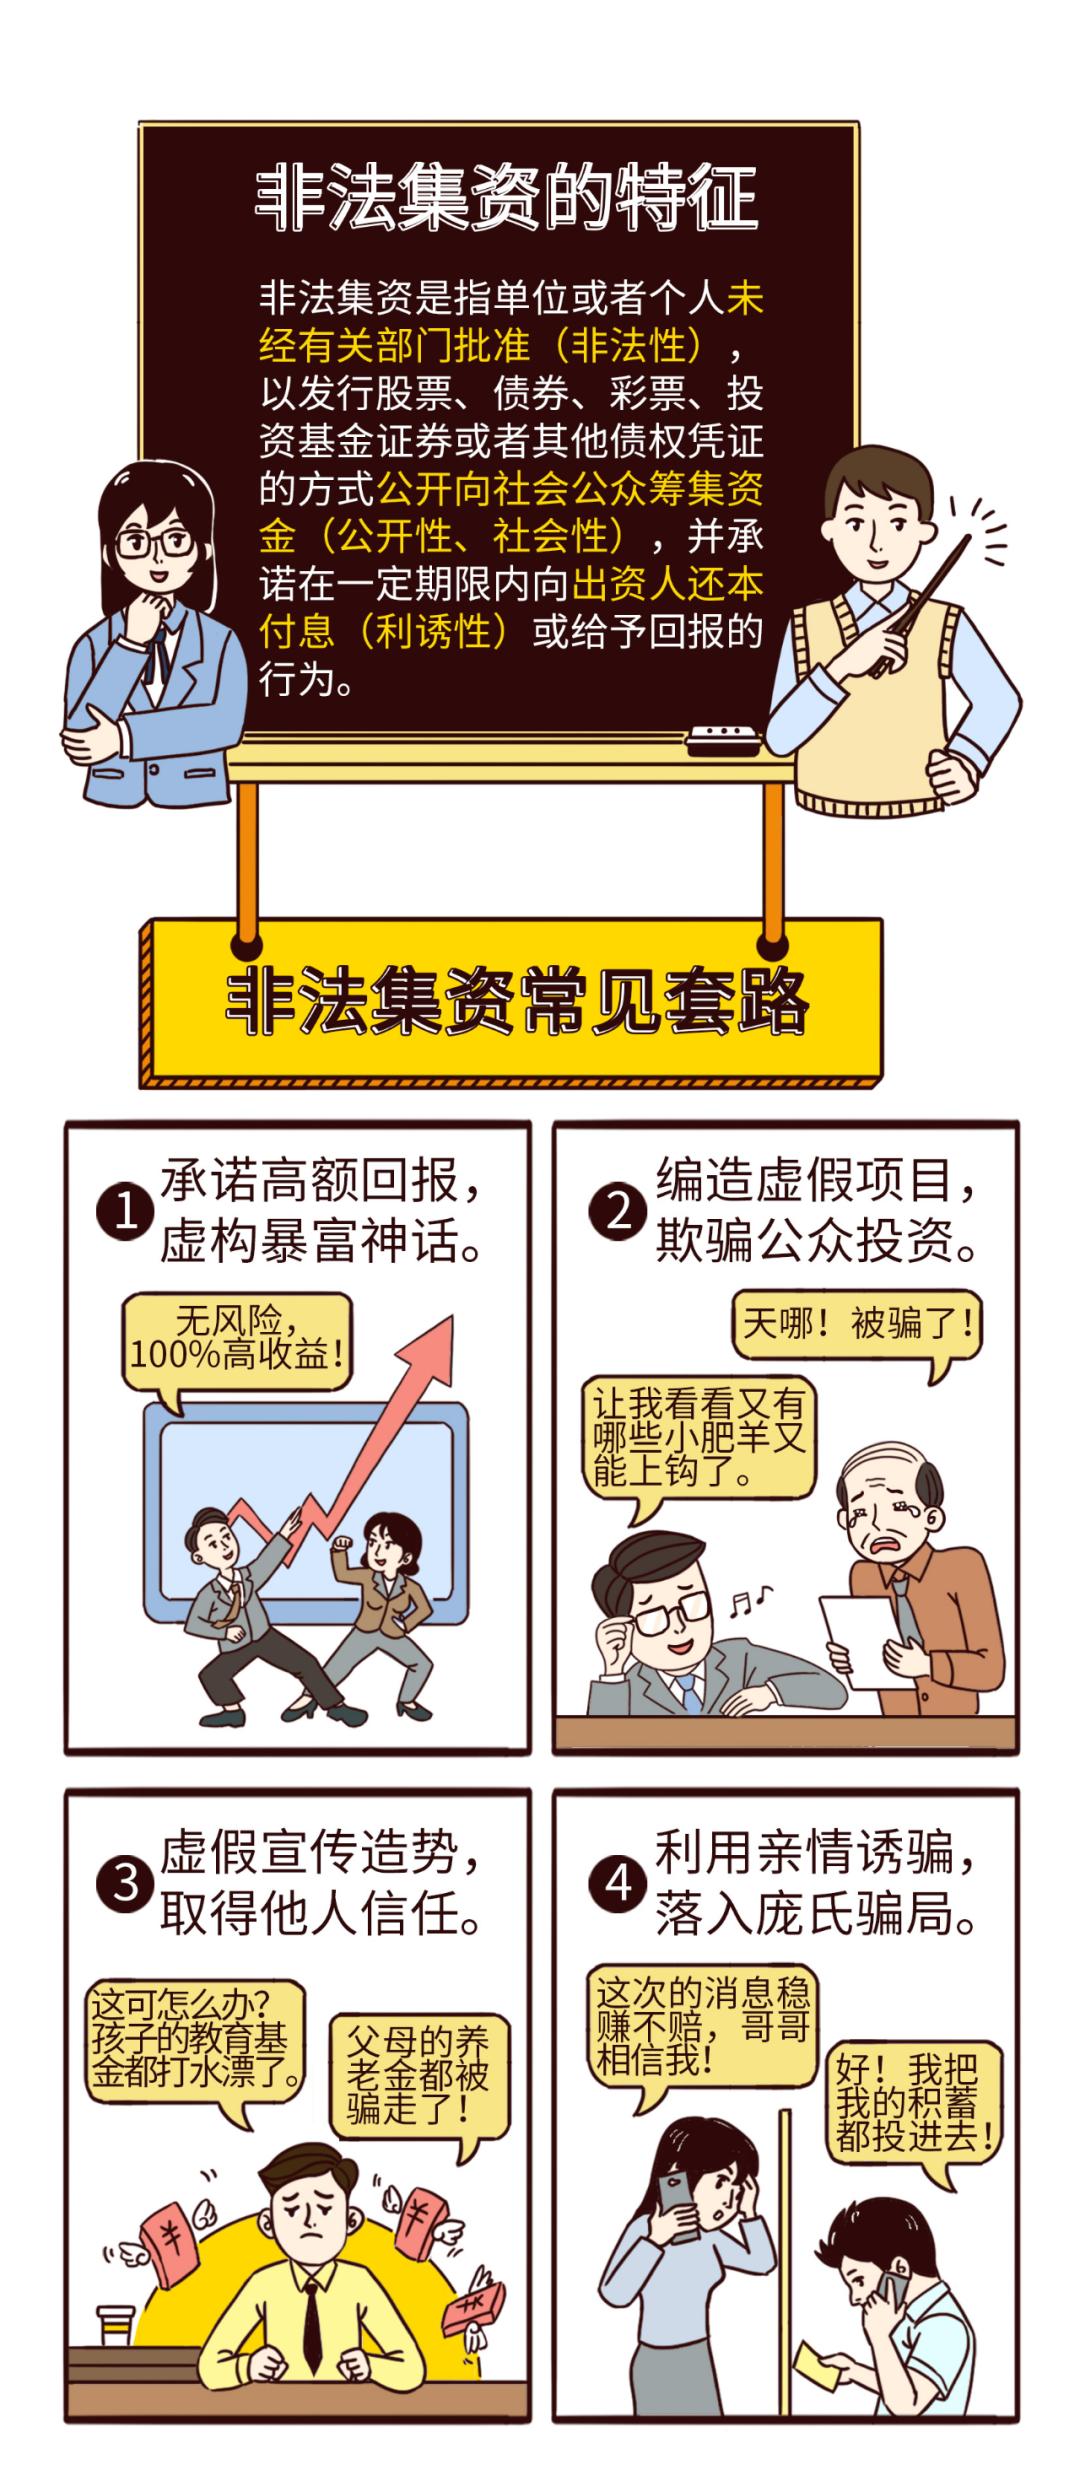 反洗钱小课堂②:非法集资套路多,提高警惕勿上当丨小安普法课